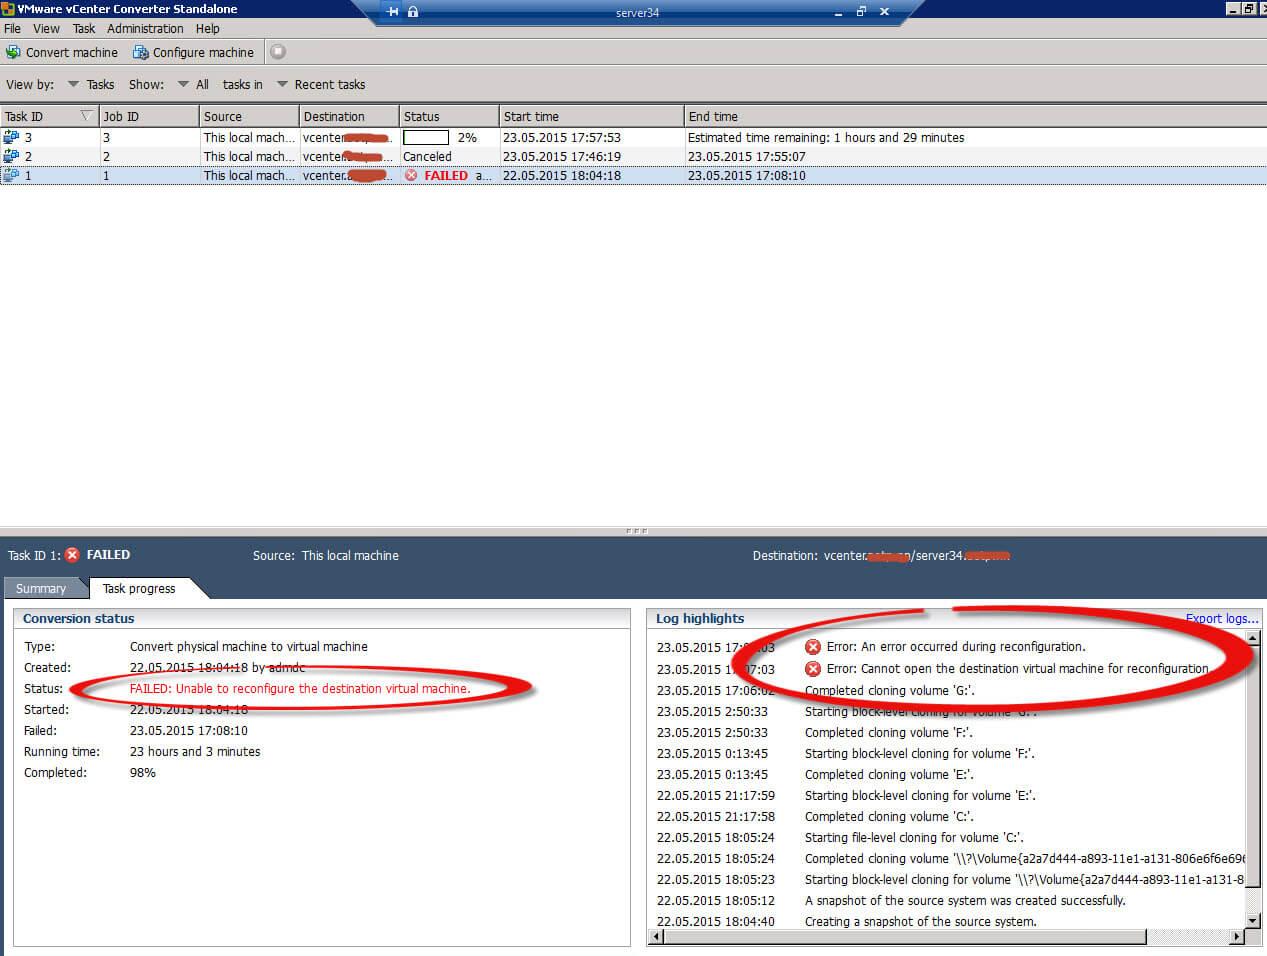 Ошибка an error occurred during reconfiguration при конвертировании физического сервера в виртуальный-02